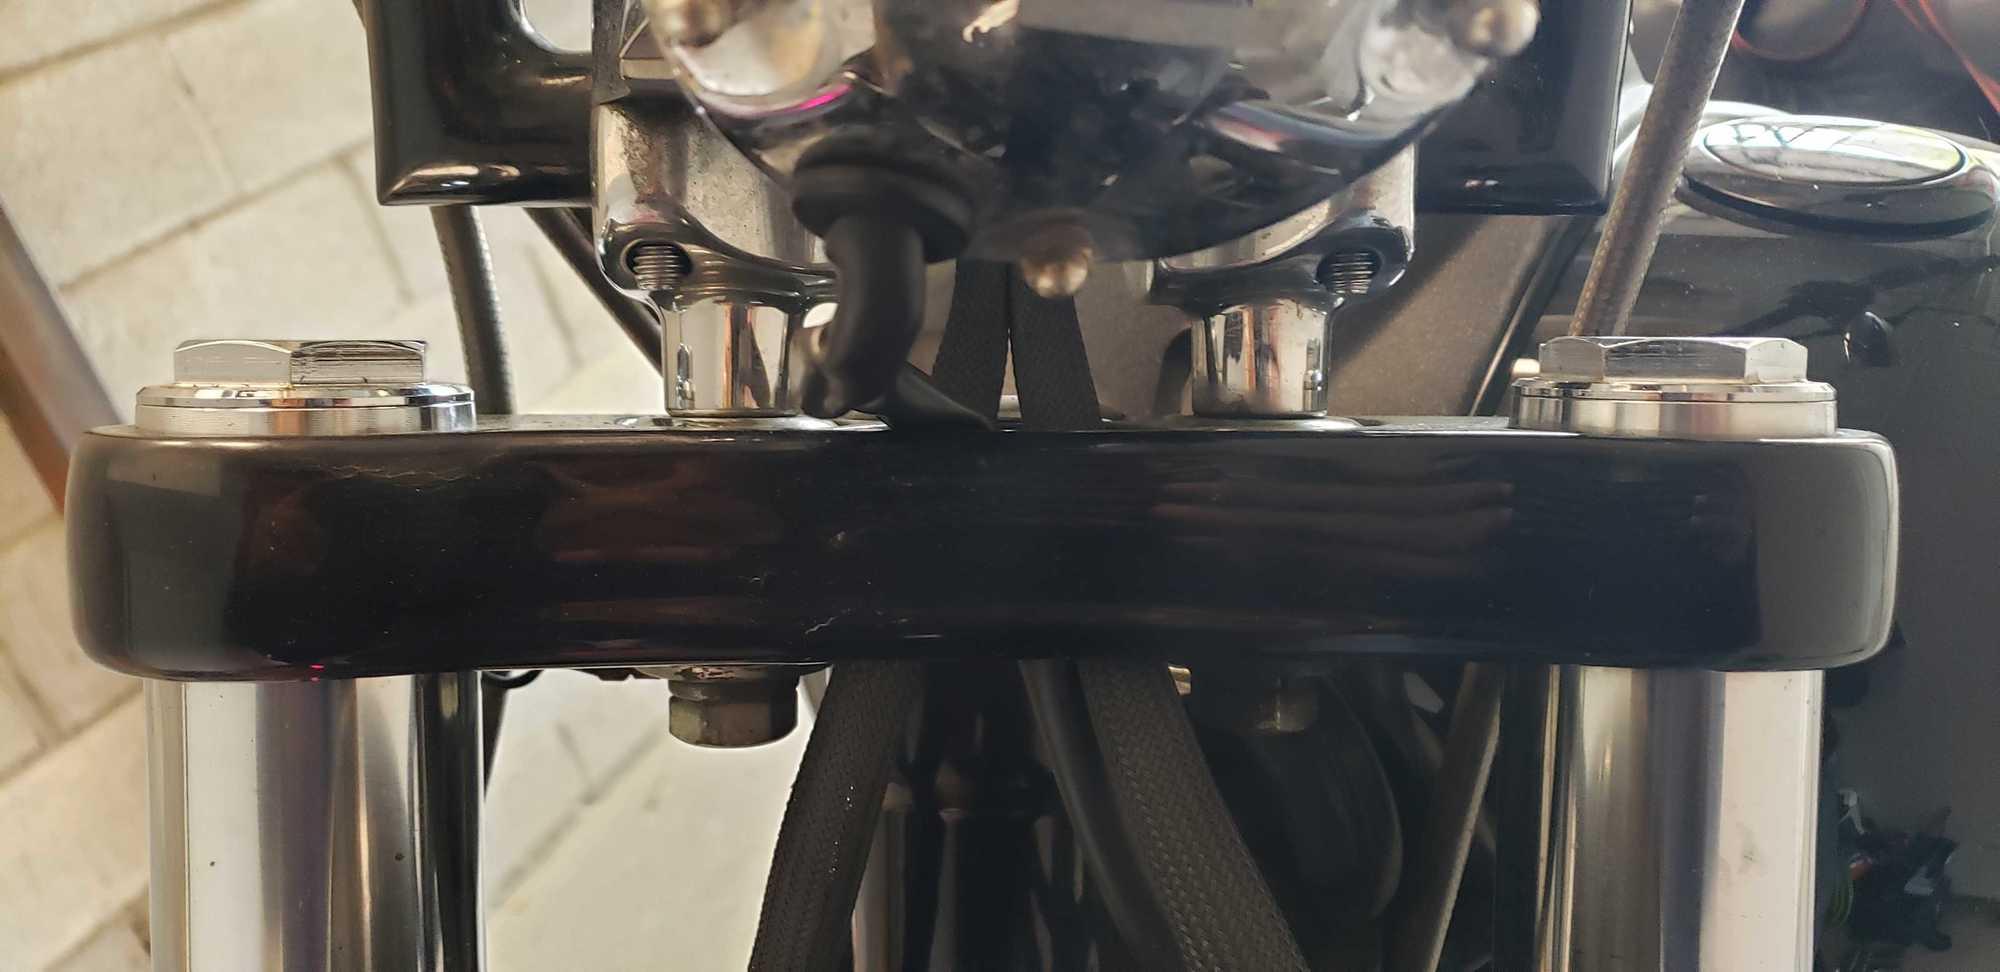 Dyna forks1